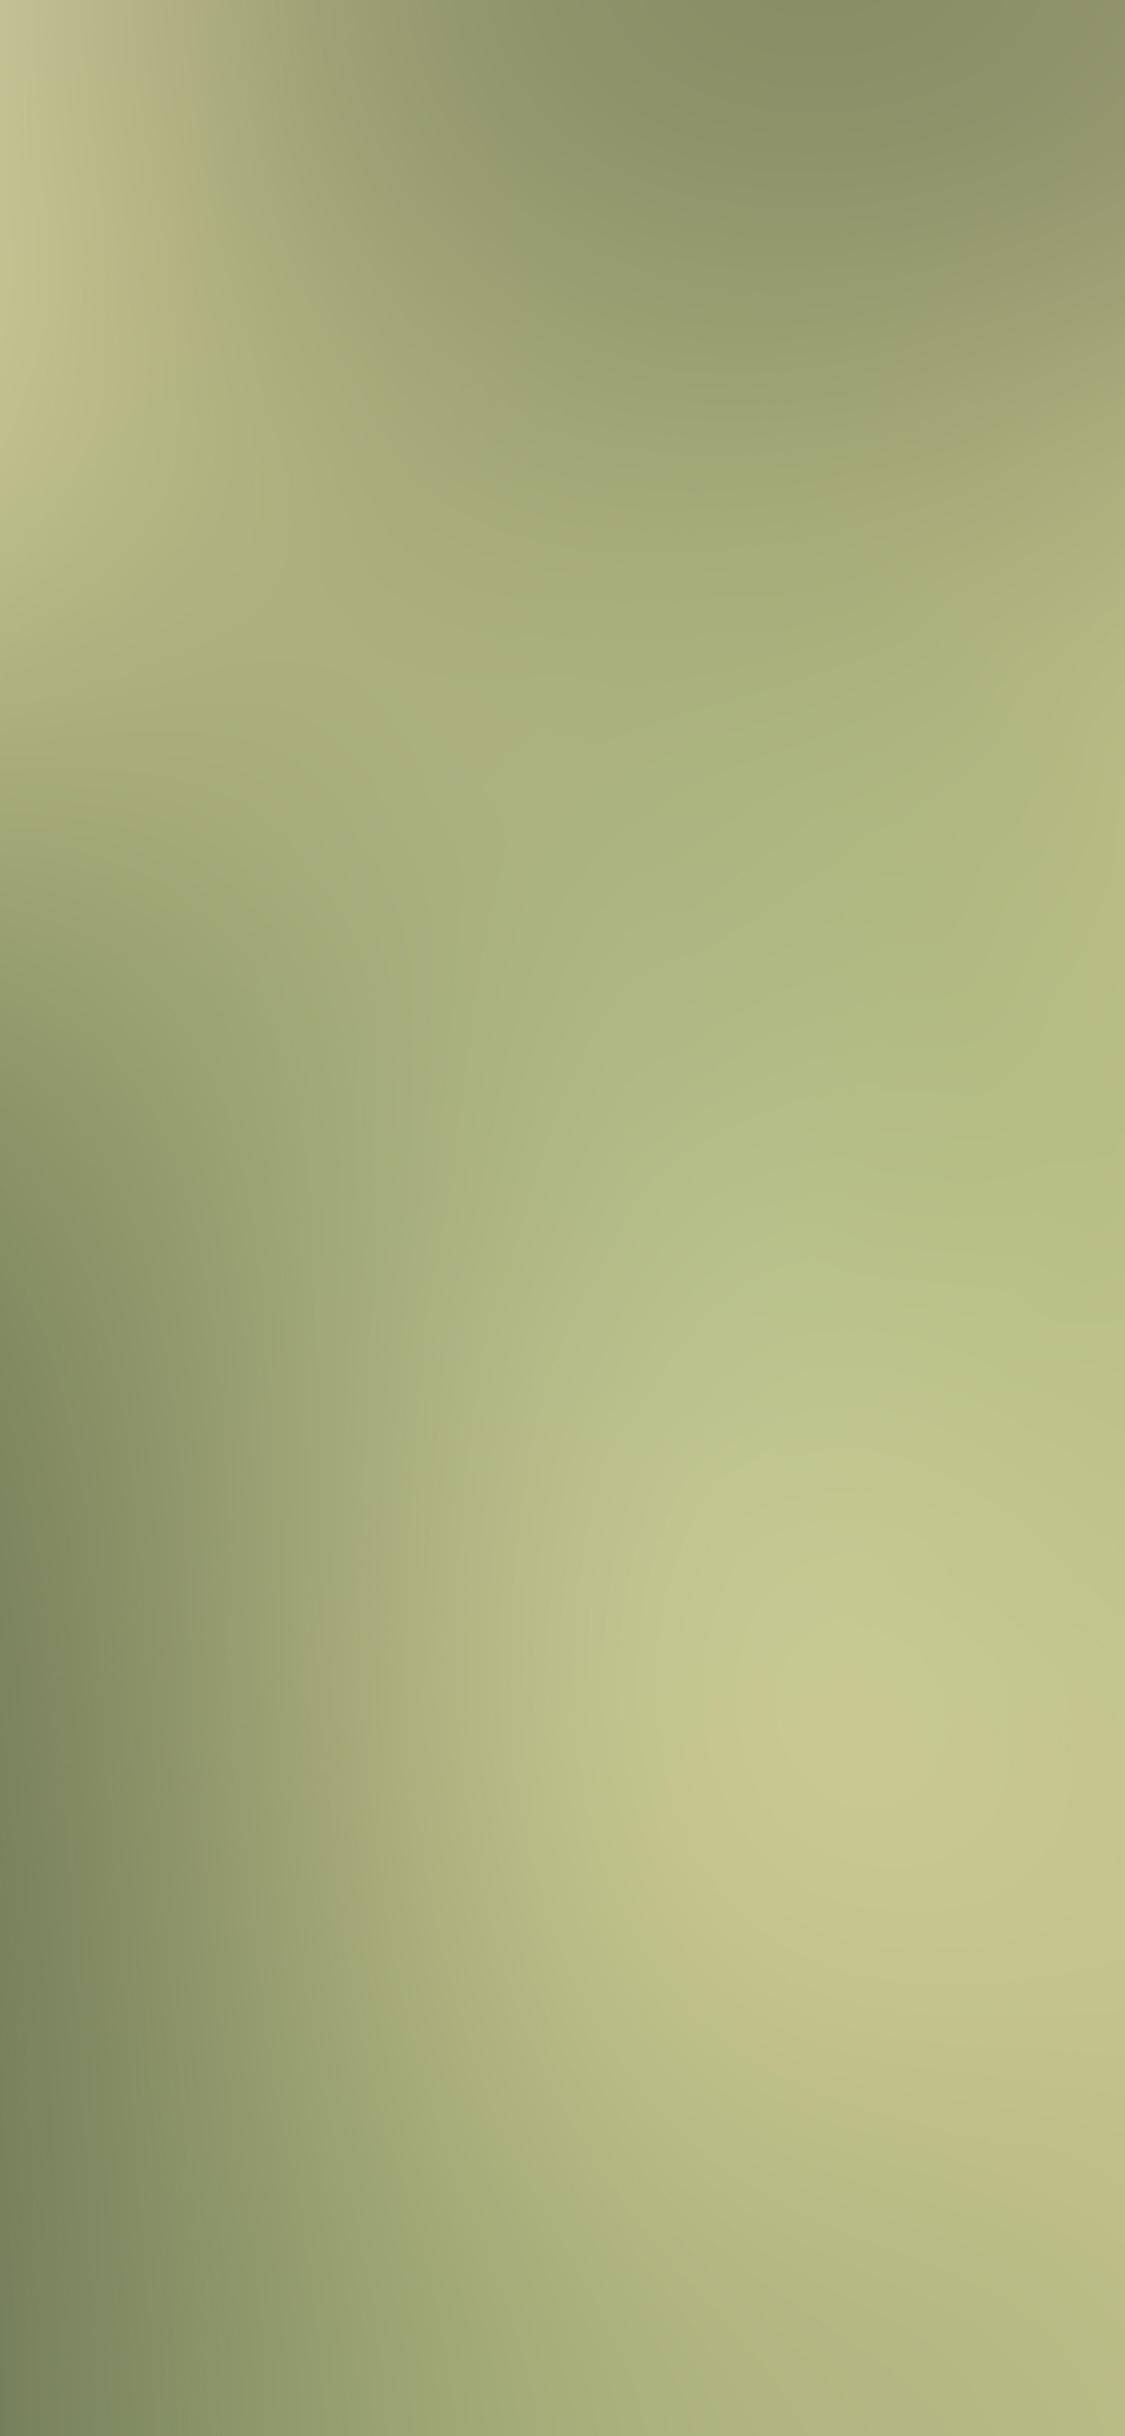 iPhoneXpapers.com-Apple-iPhone-wallpaper-sb78-leaf-nature-green-blur